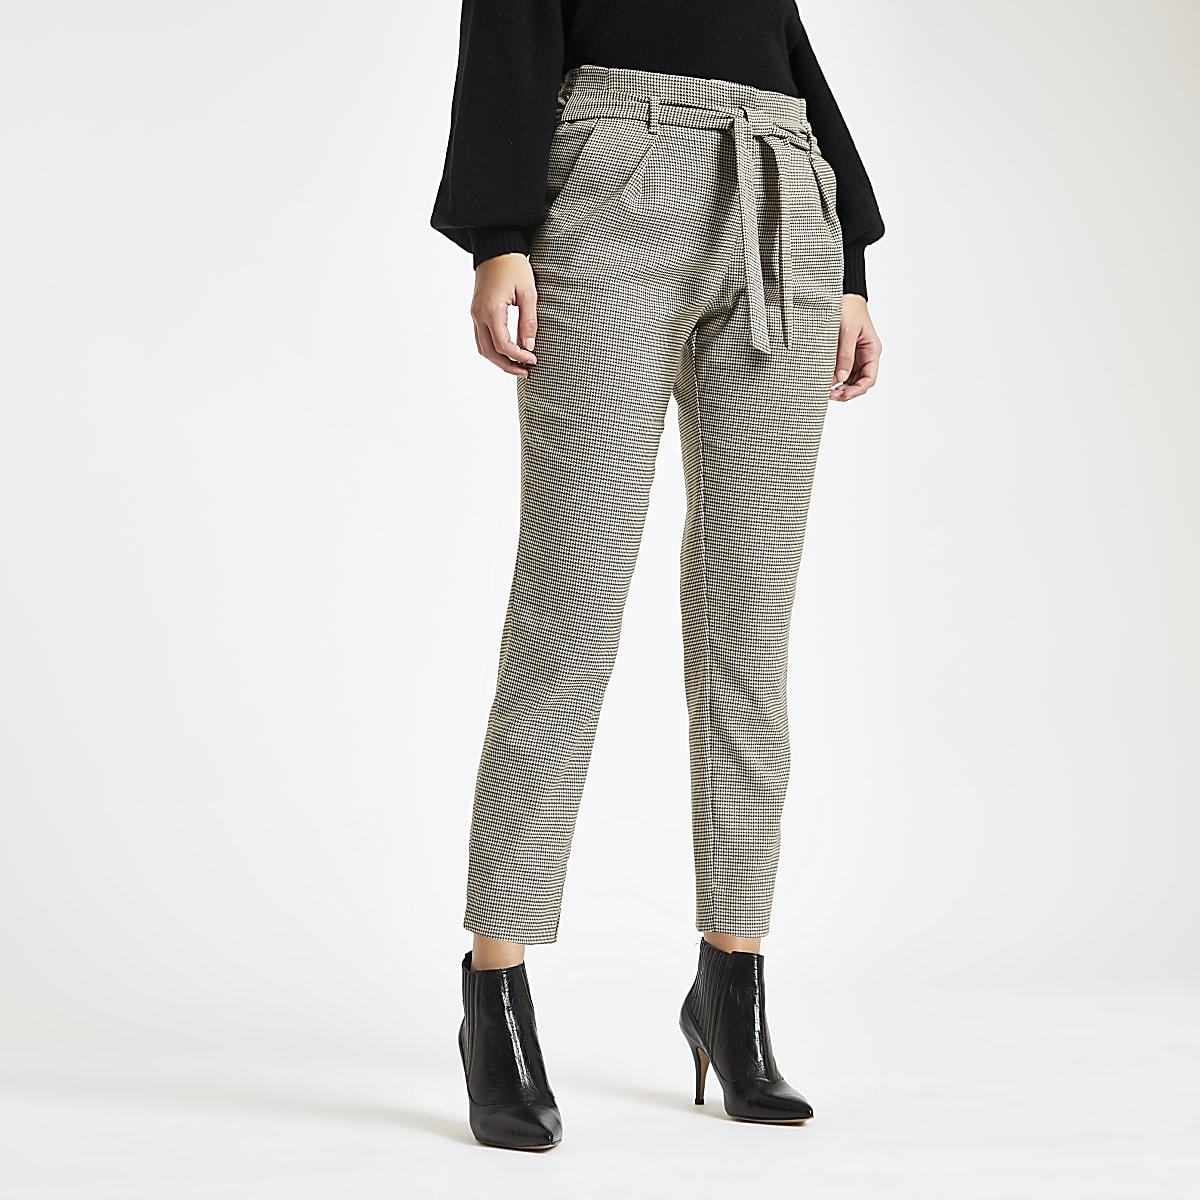 Bruine smaltoelopende broek met pied-de-poule-motief